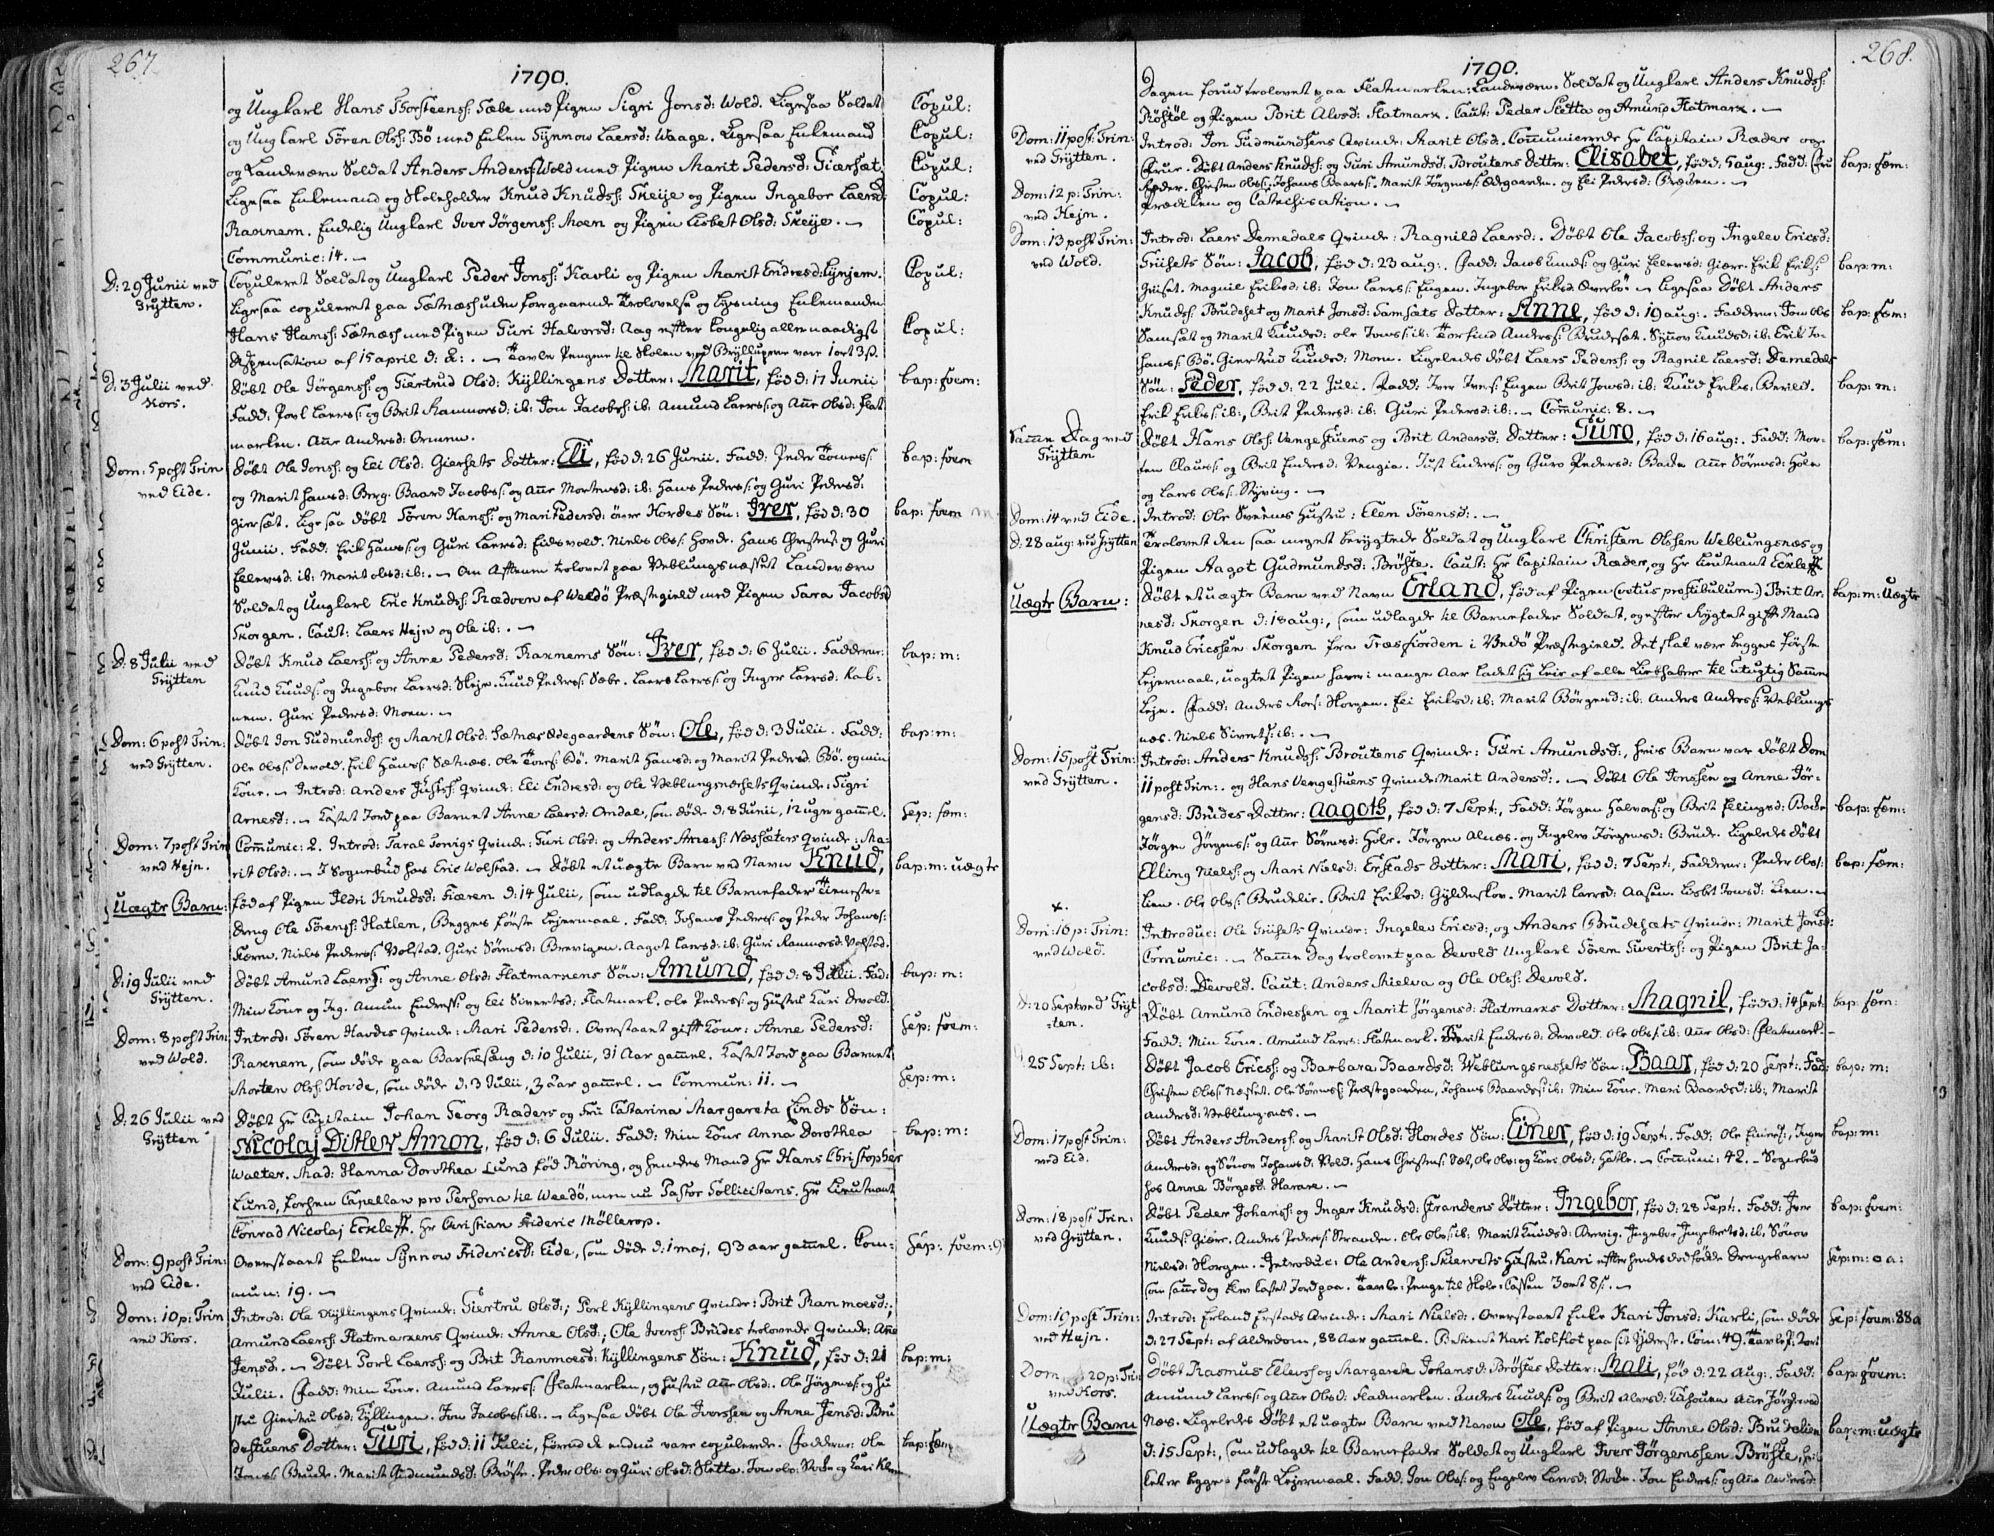 SAT, Ministerialprotokoller, klokkerbøker og fødselsregistre - Møre og Romsdal, 544/L0569: Ministerialbok nr. 544A02, 1764-1806, s. 267-268